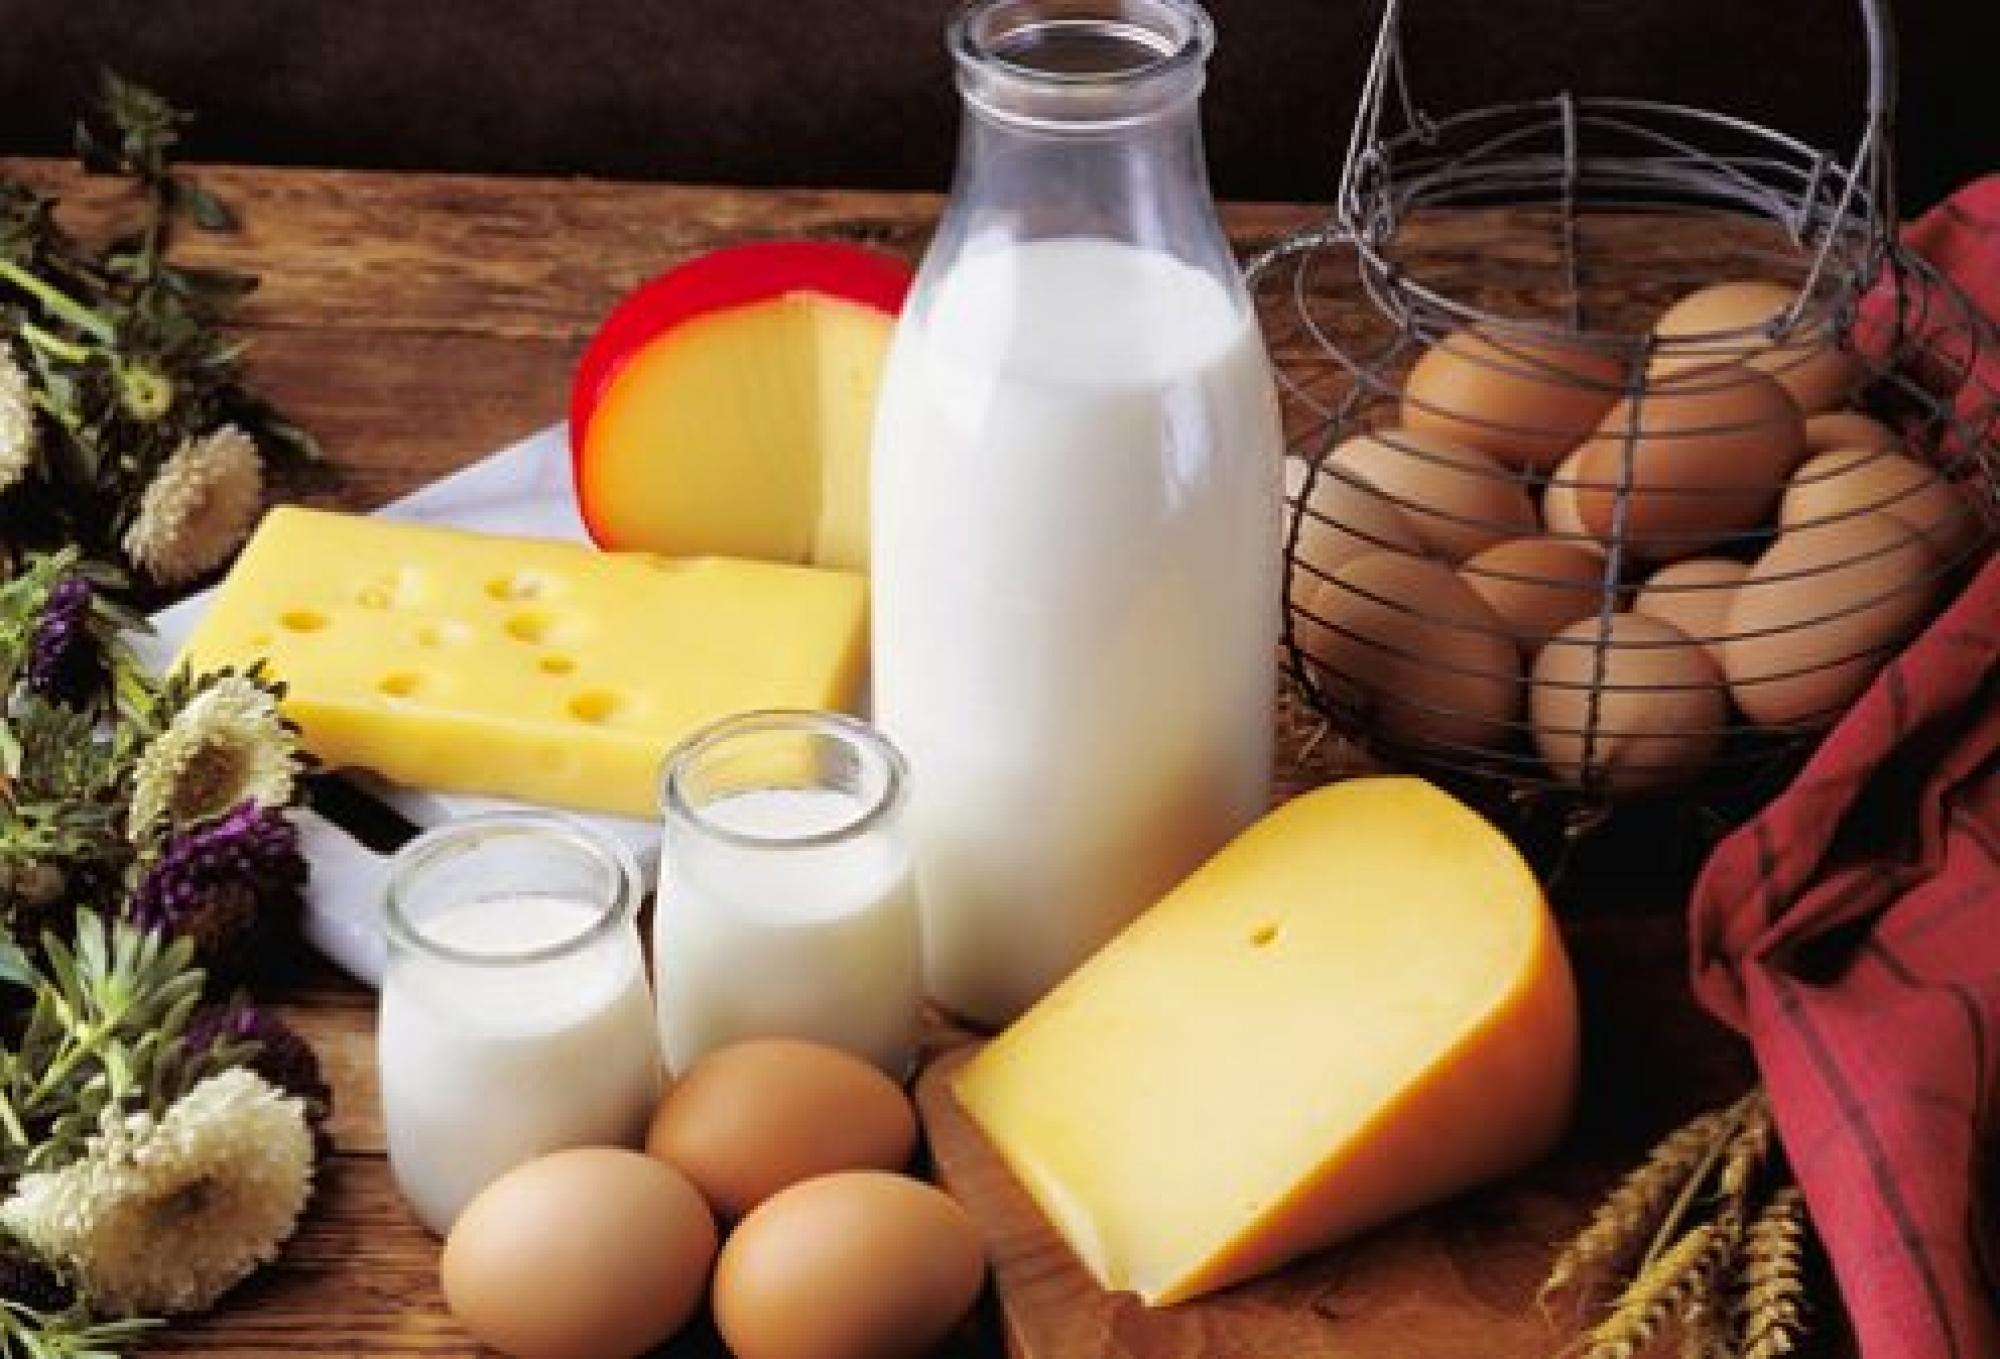 Курс еды: сравниваем цены в супермаркетах Вологды (16 - 23 марта)